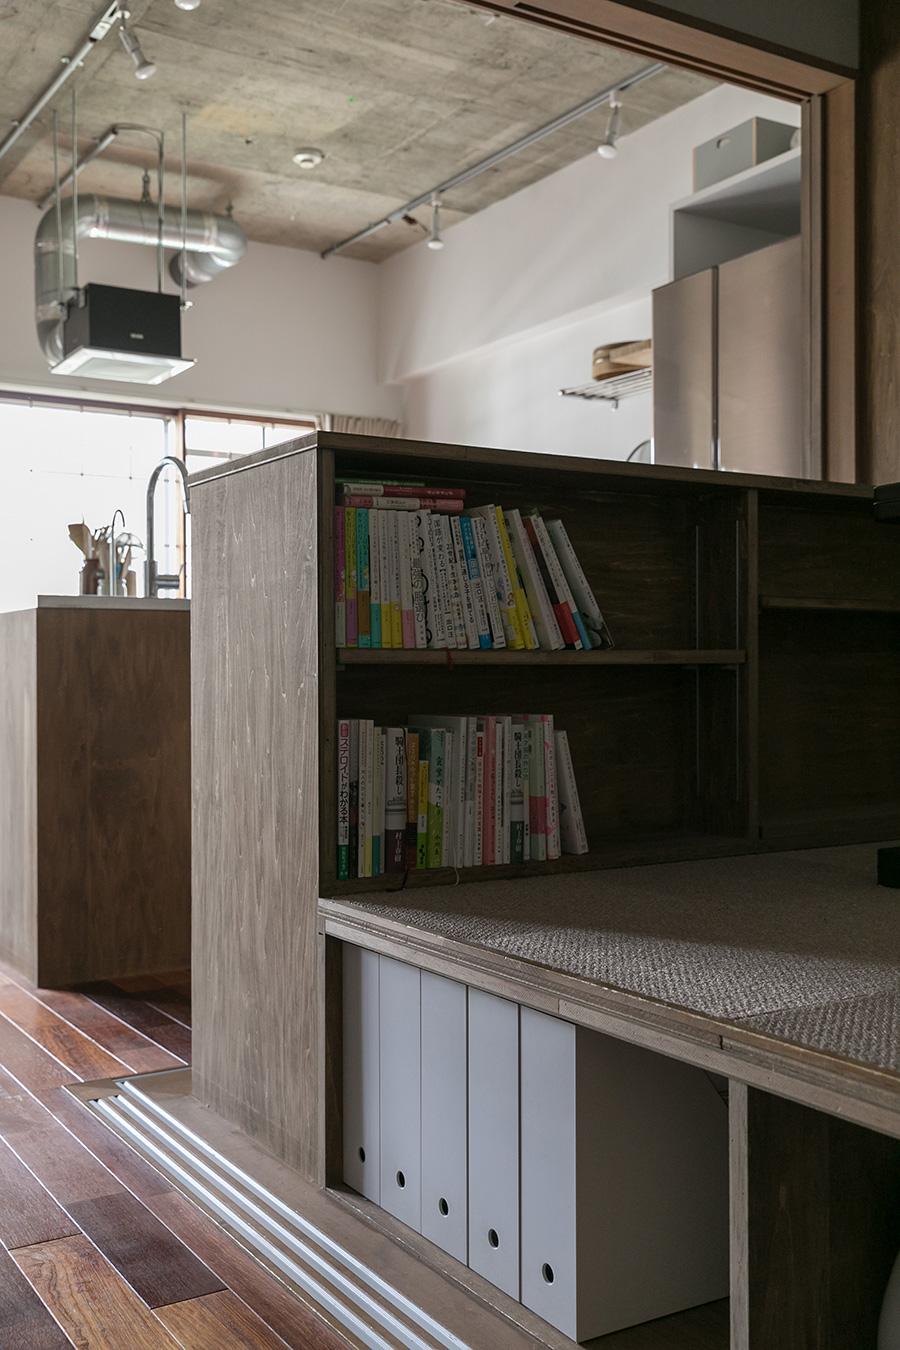 上げた床下は、一部収納にもなっている。キッチンとは低めの本棚でゆるやかに仕切られている。